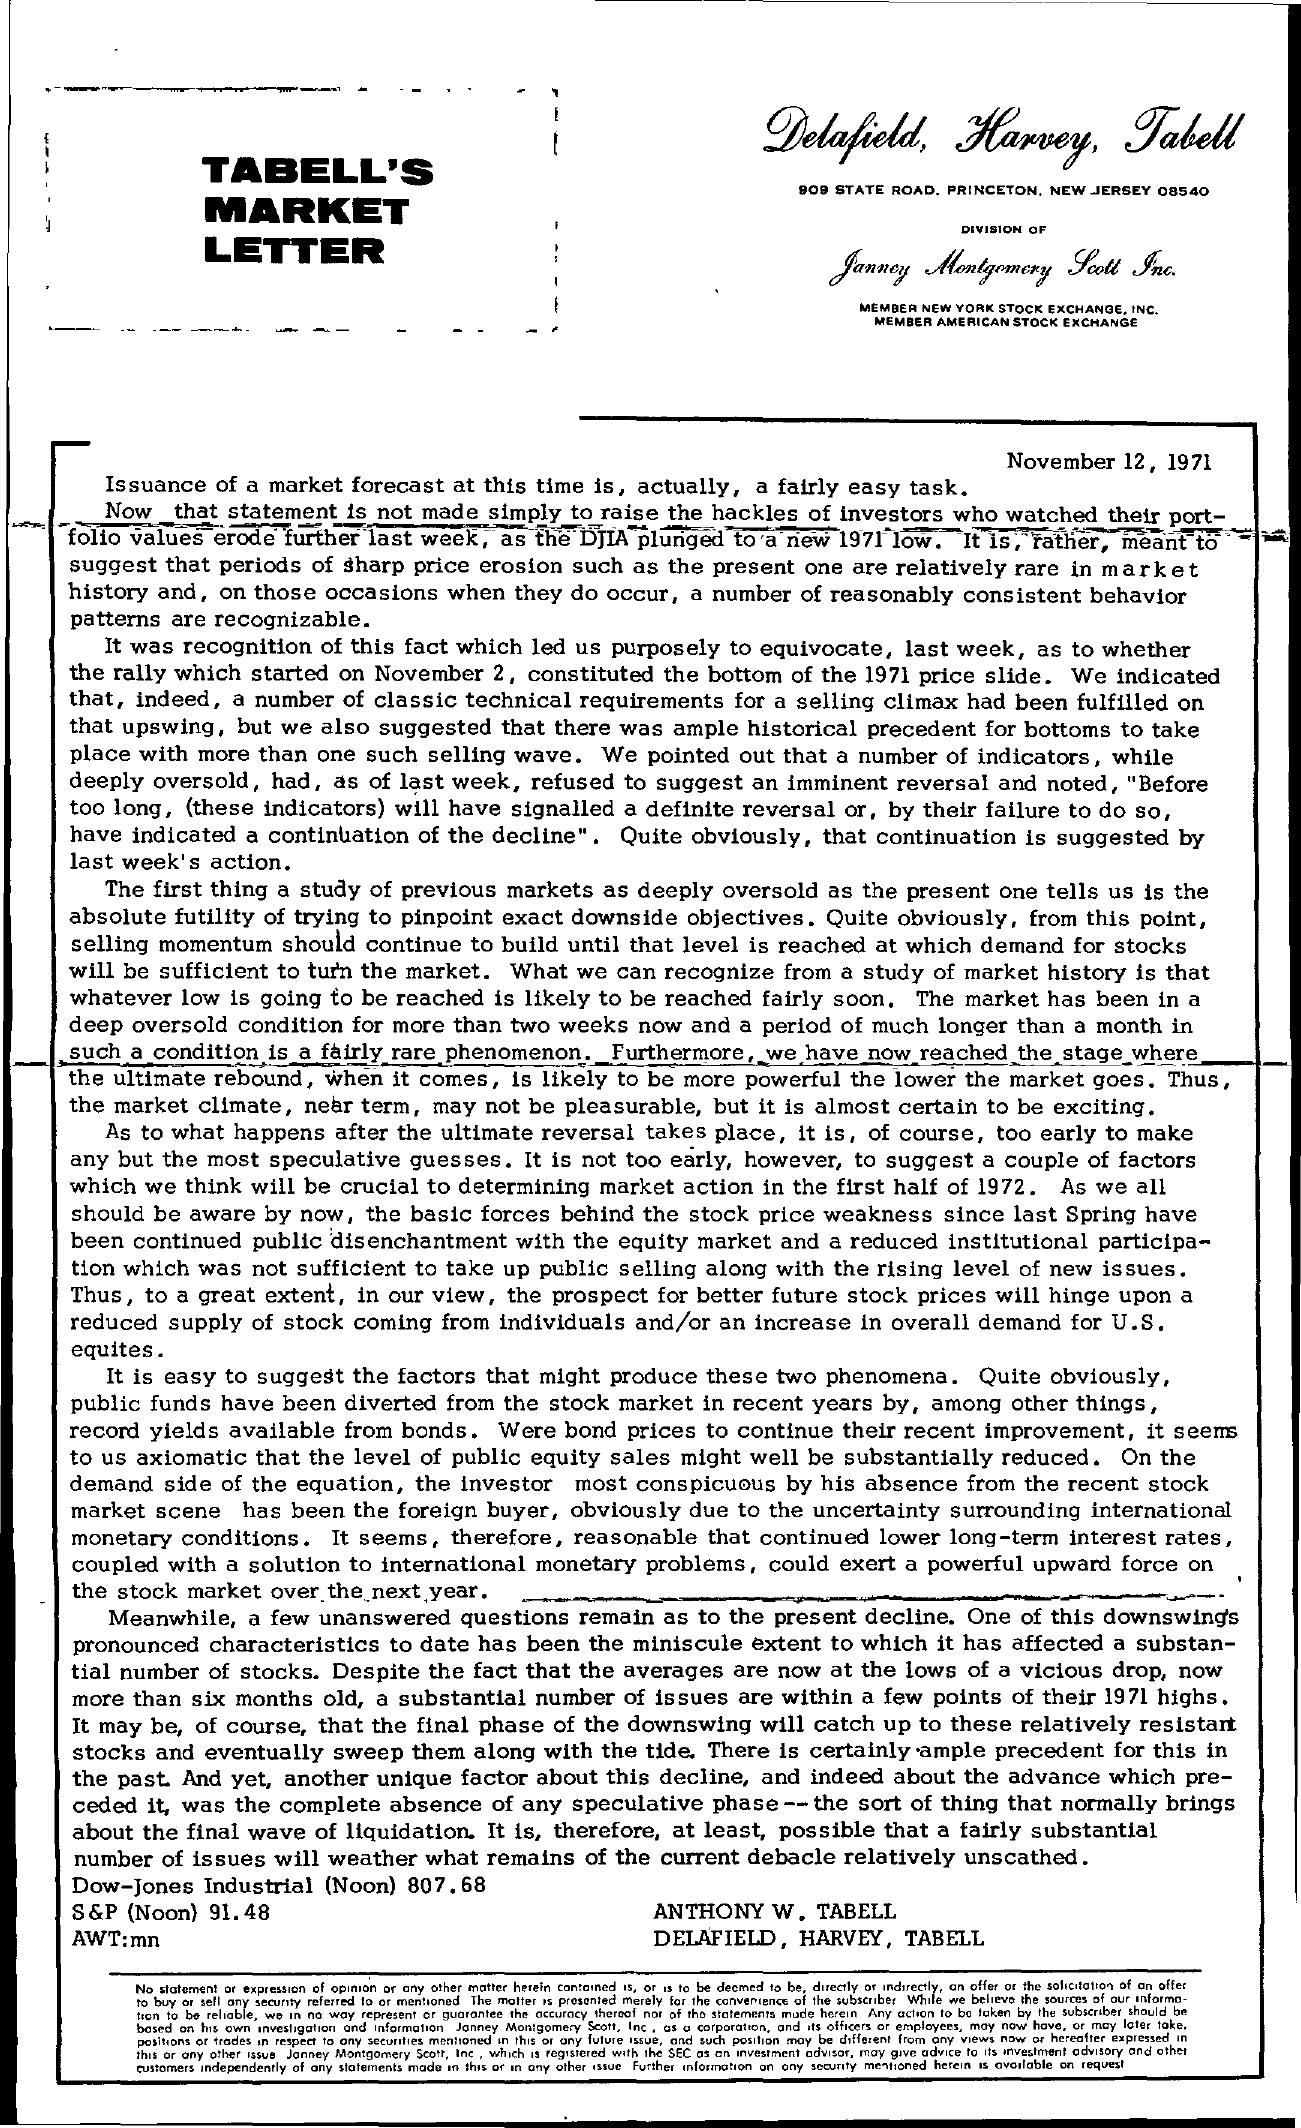 Tabell's Market Letter - November 12, 1971